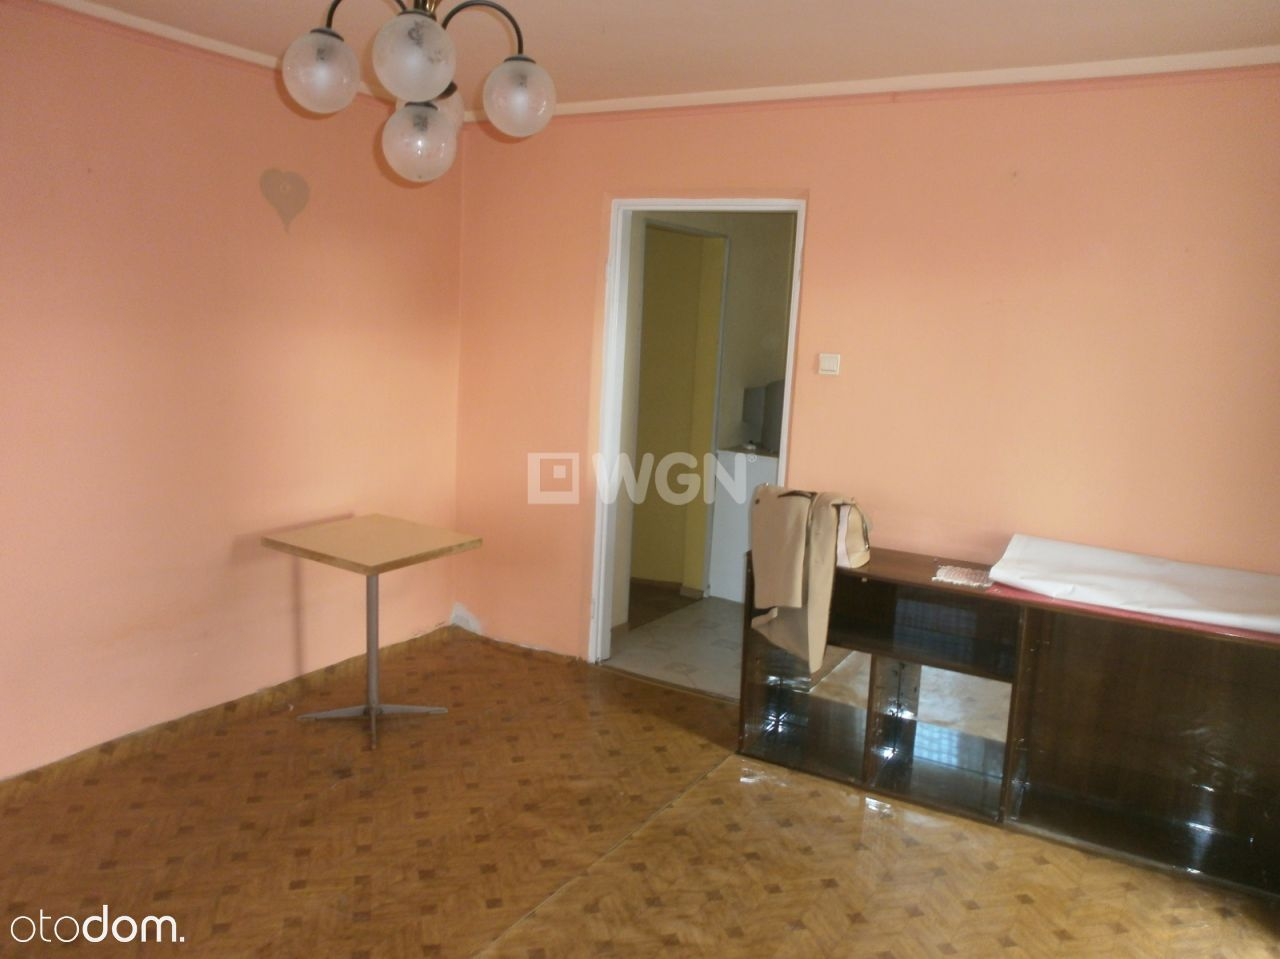 Mieszkanie na sprzedaż, Kłobuck, kłobucki, śląskie - Foto 2